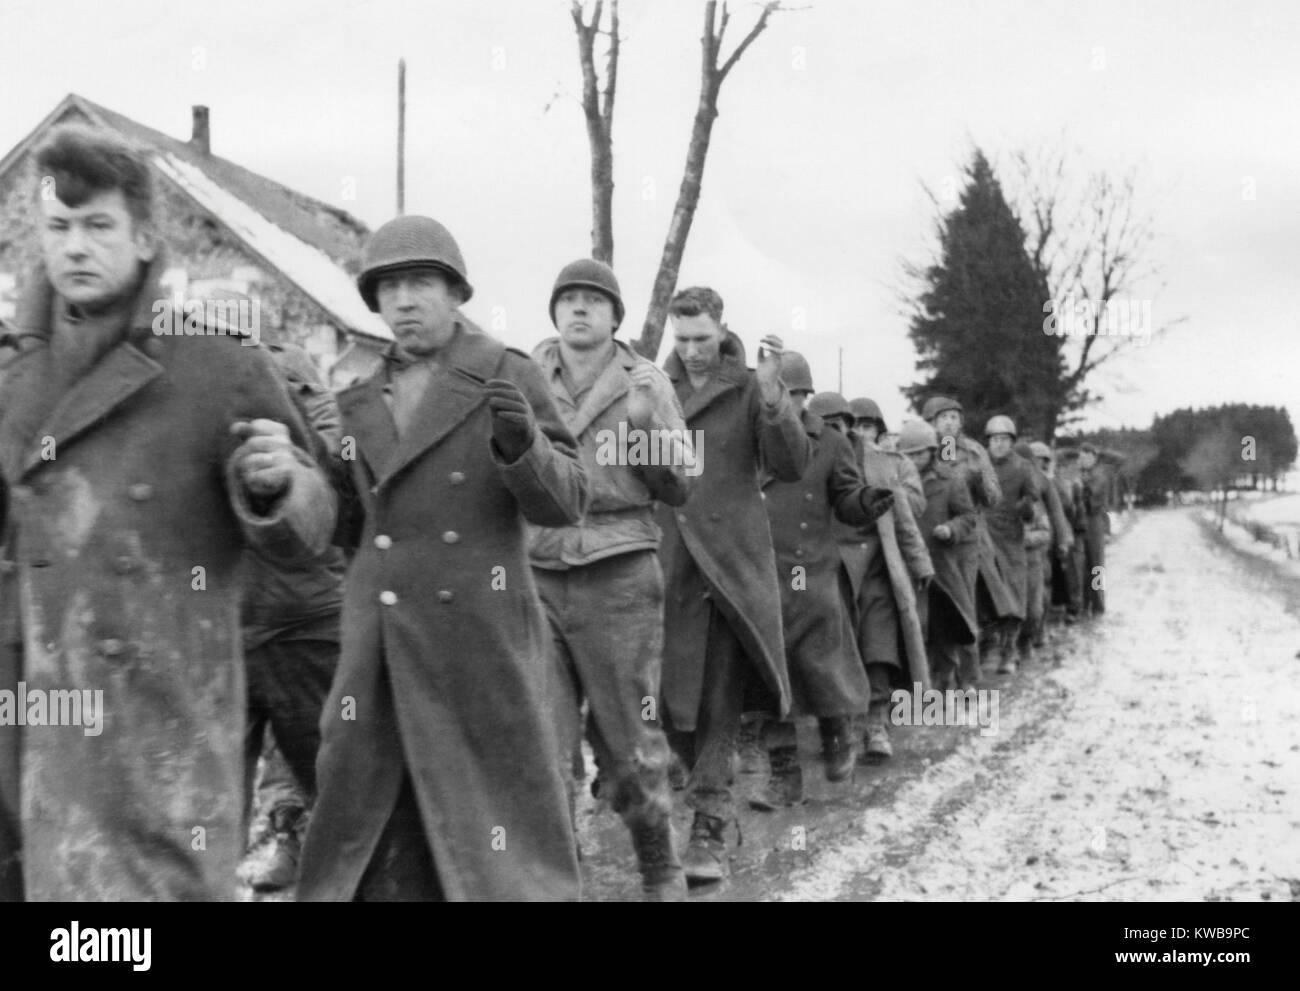 World War I prisoners of war in Germany